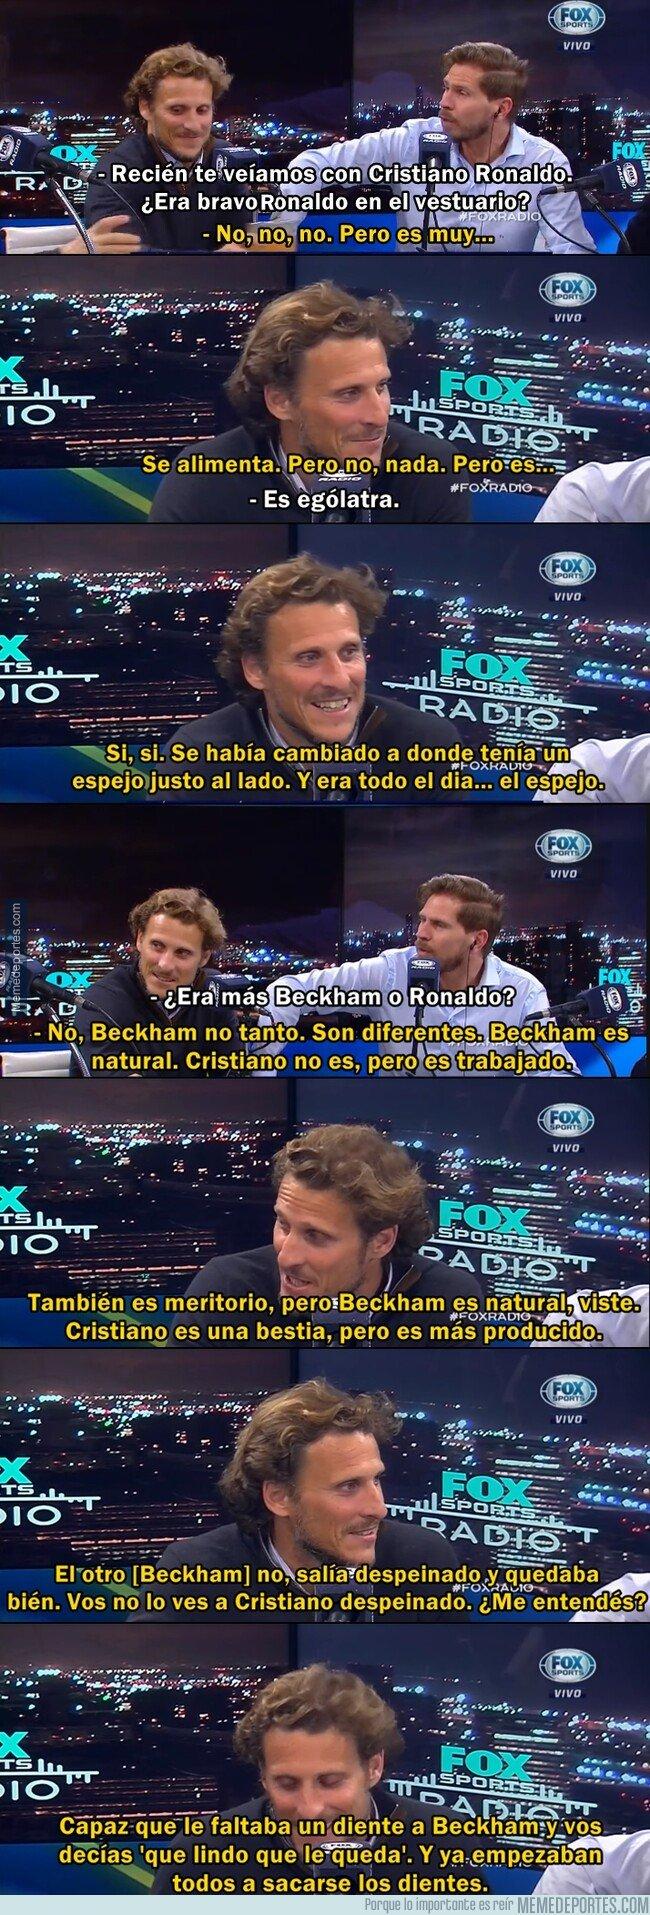 1083706 - La graciosa diferencia entre la belleza de Beckham y Cristiano según Forlán.